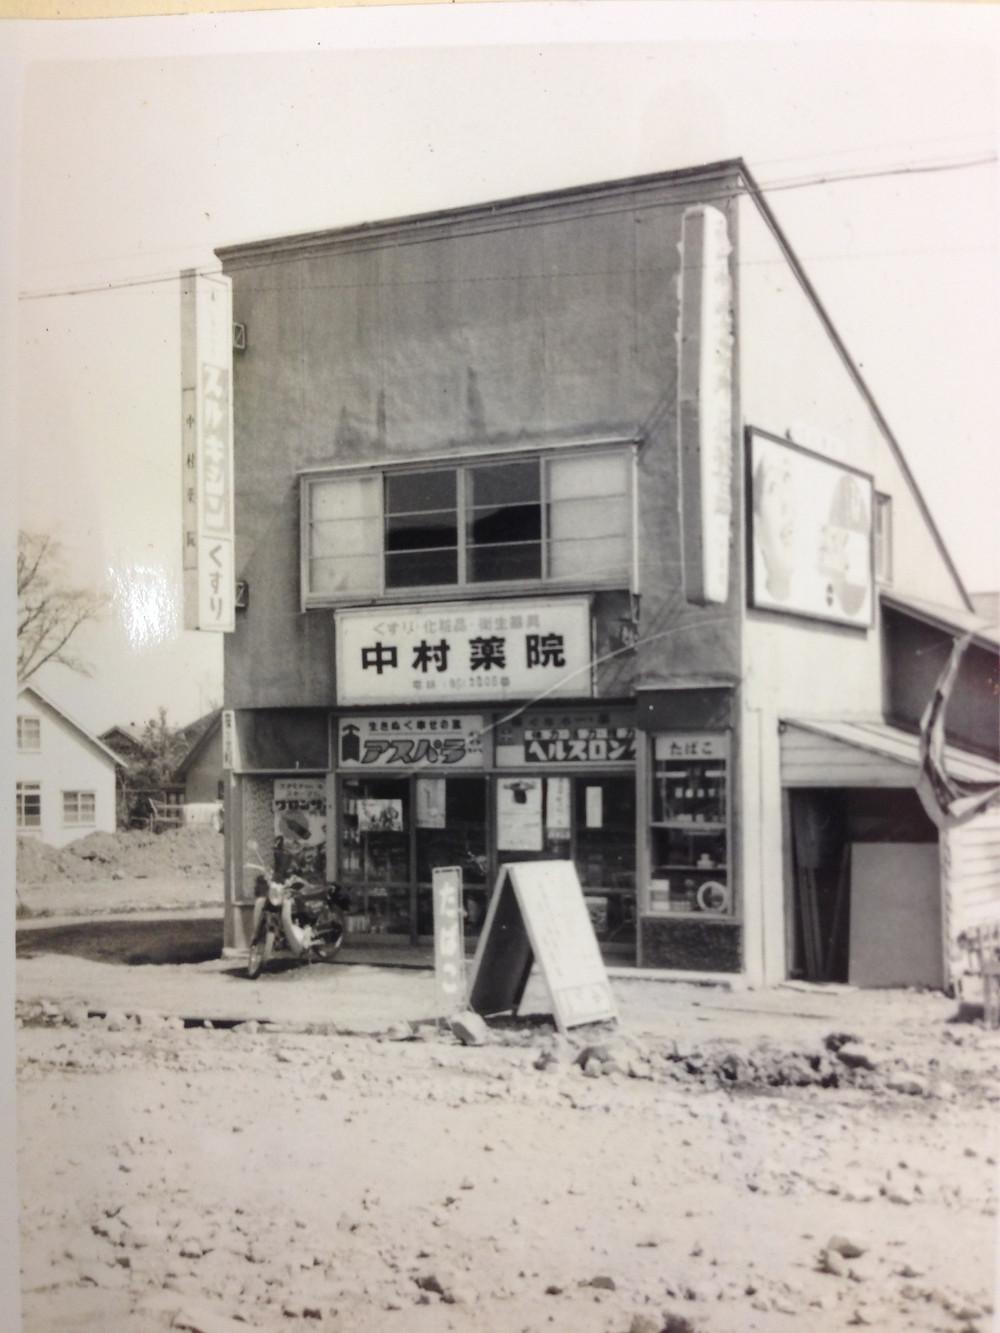 創業当時 老舗薬局 札幌市 白石区 南郷 老舗 古い 歴史